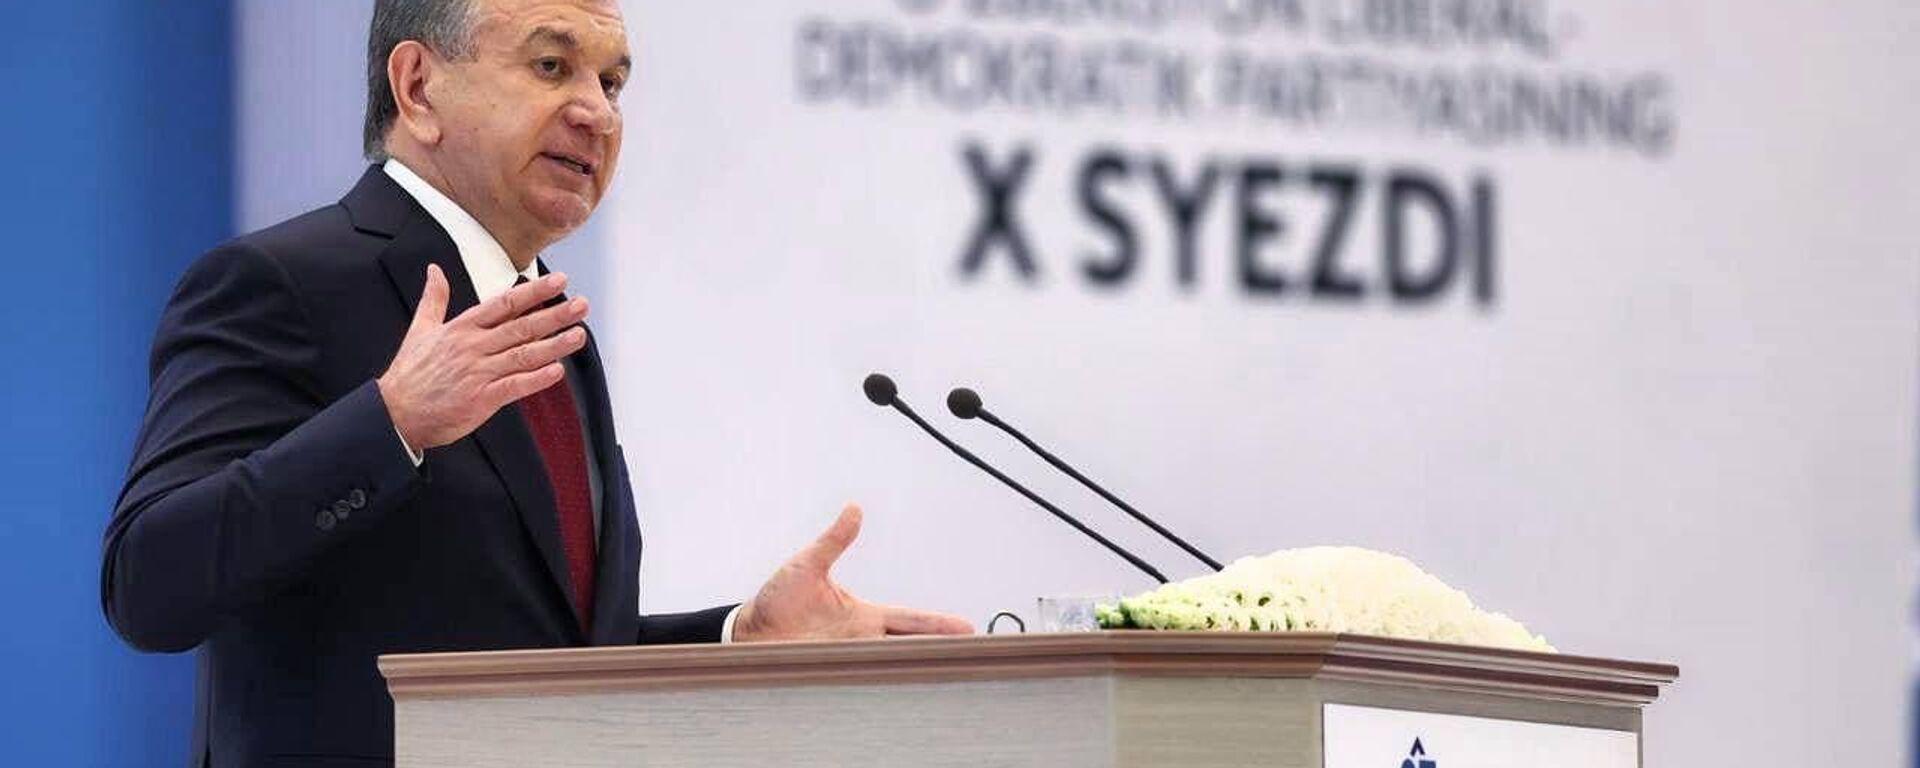 Shavkat Mirziyoyev vыstupayet na s'yezde Liberalno-demokraticheskoy partii Uzbekistana - Sputnik Oʻzbekiston, 1920, 13.09.2021